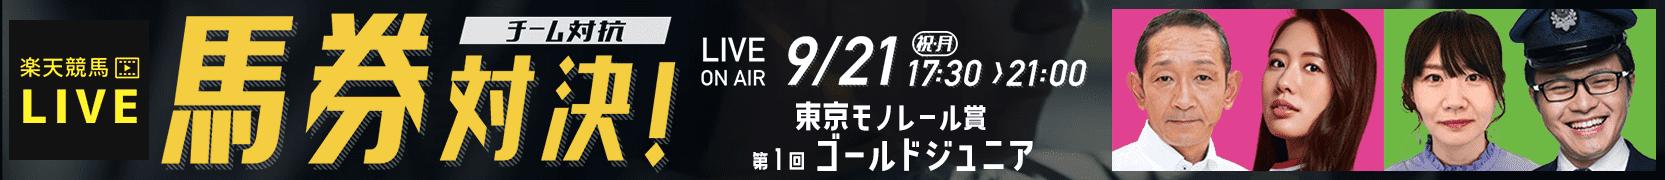 楽天競馬LIVE:馬券対決(第1回ゴールドジュニア)